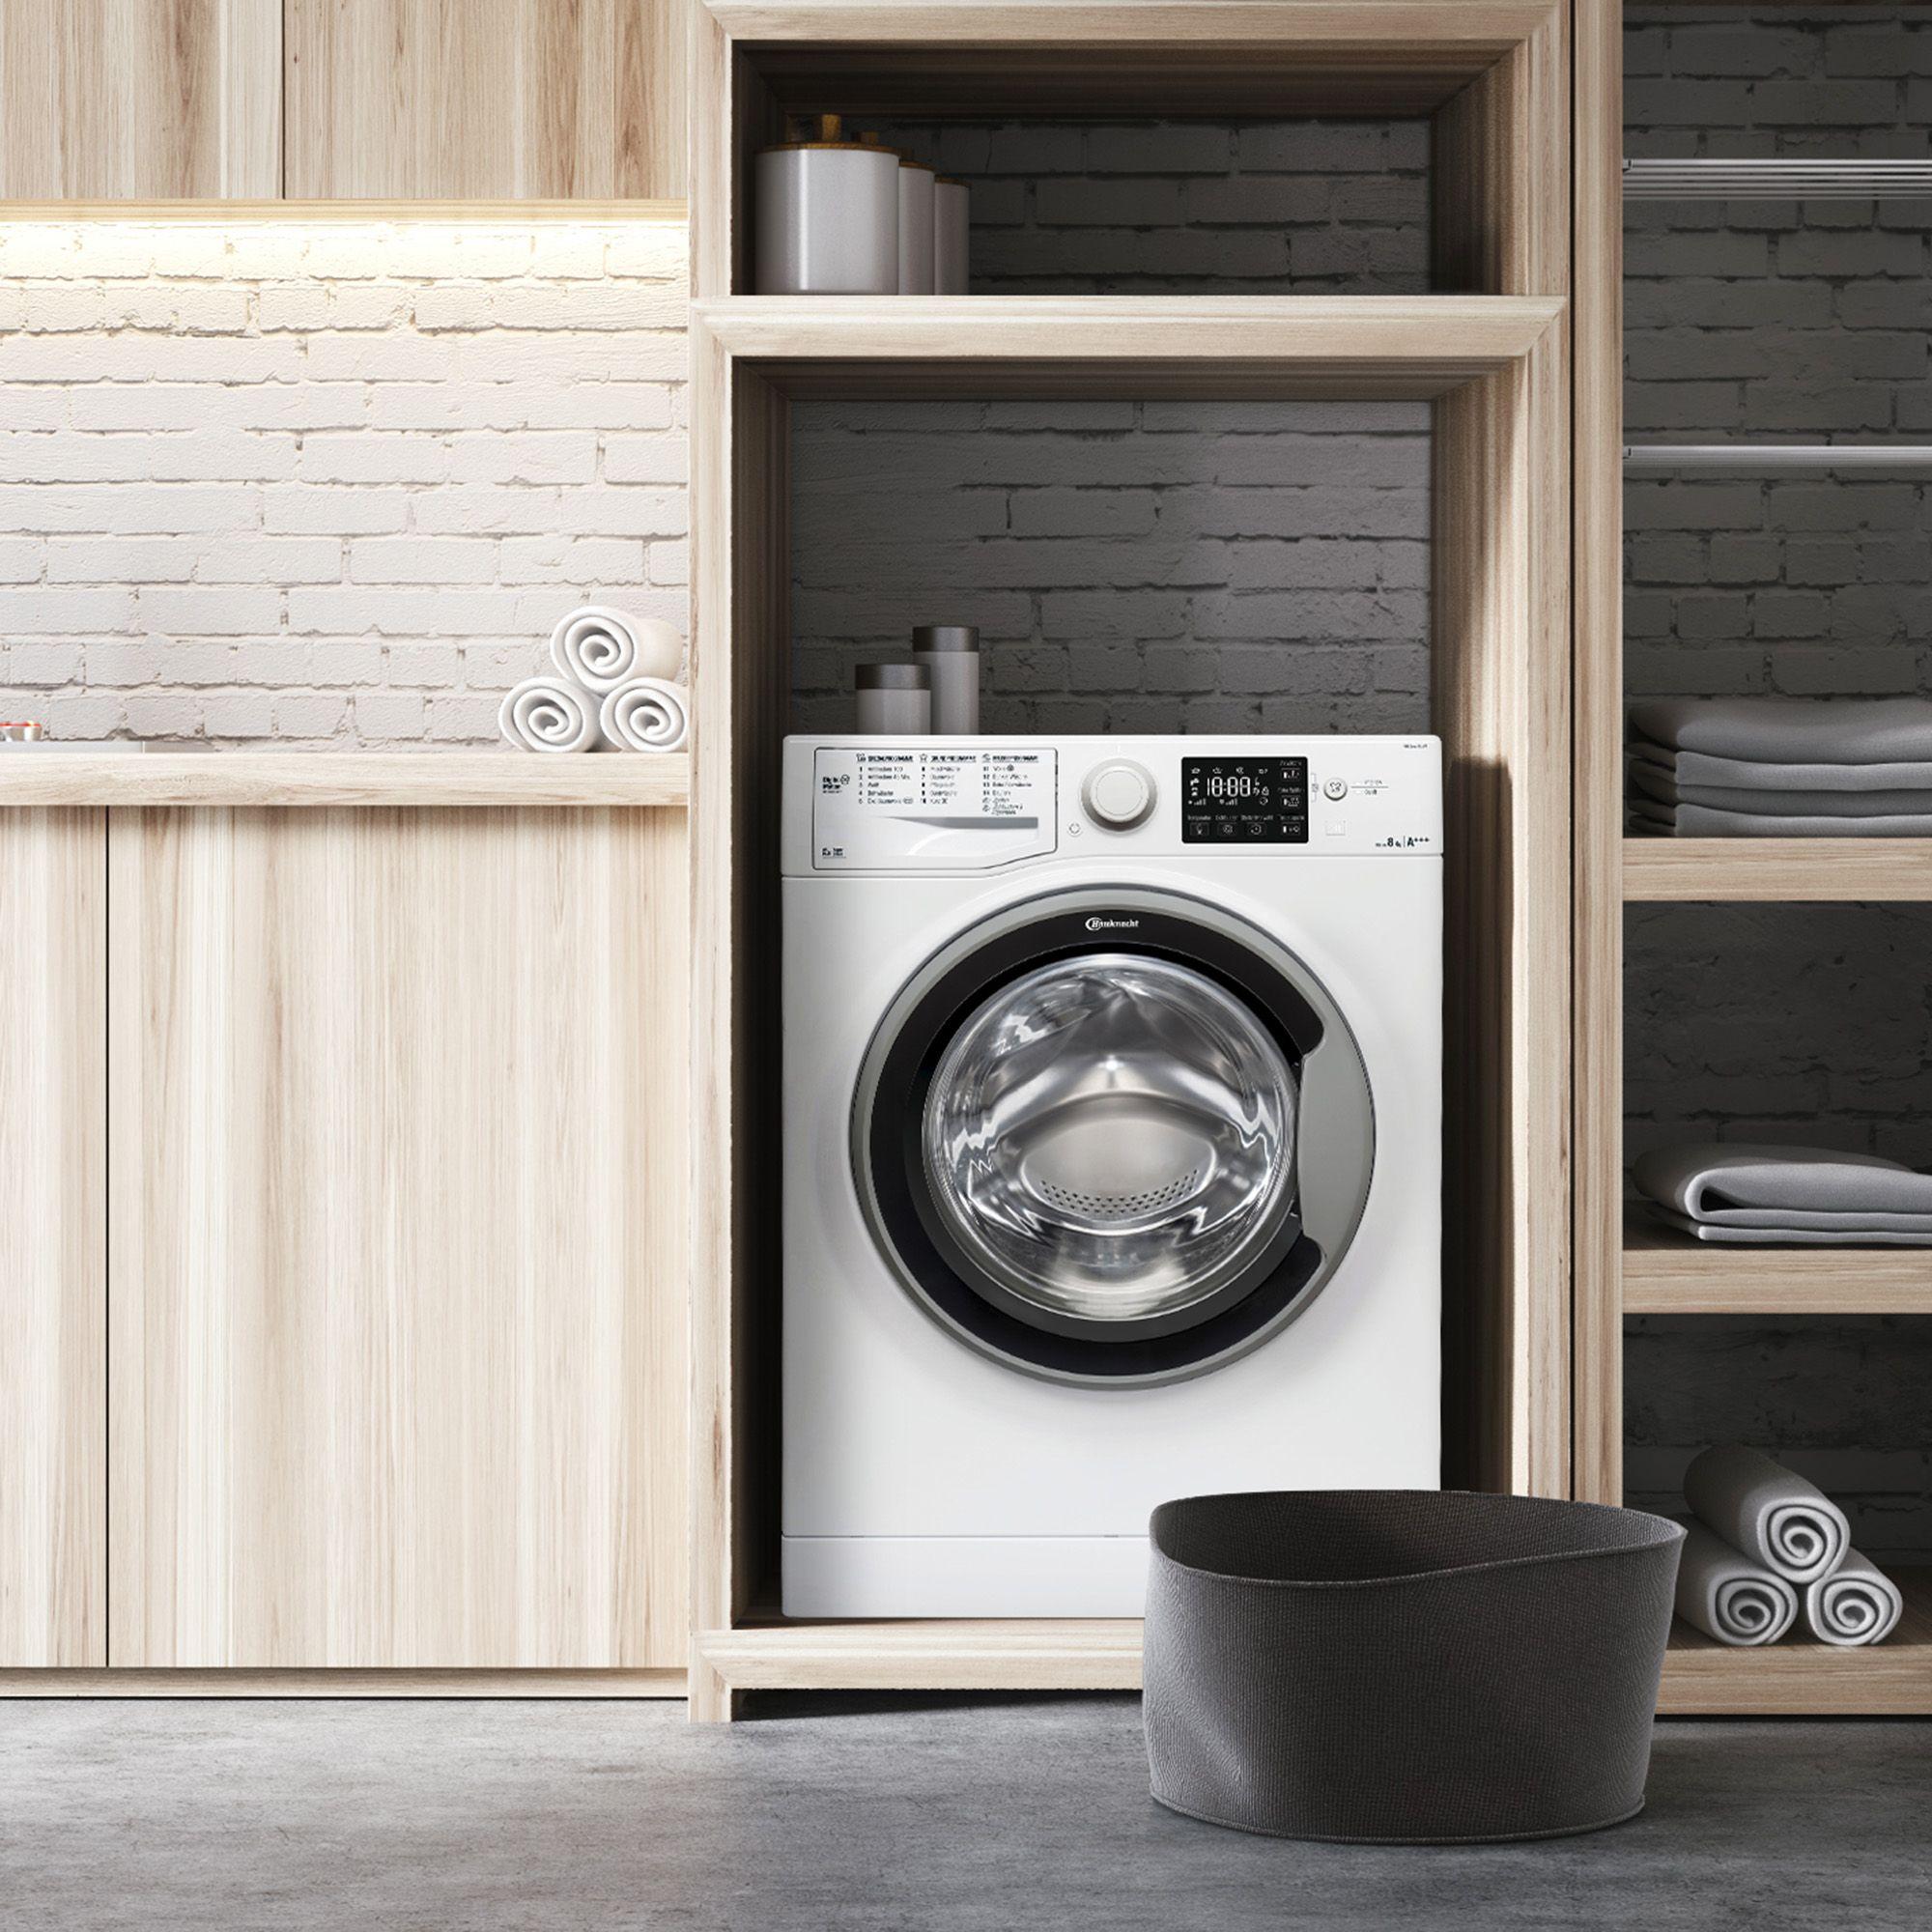 bauknecht waschmaschine wm sense 8g43ps 8kg eek a 30 5j herstellergarantie page 1. Black Bedroom Furniture Sets. Home Design Ideas